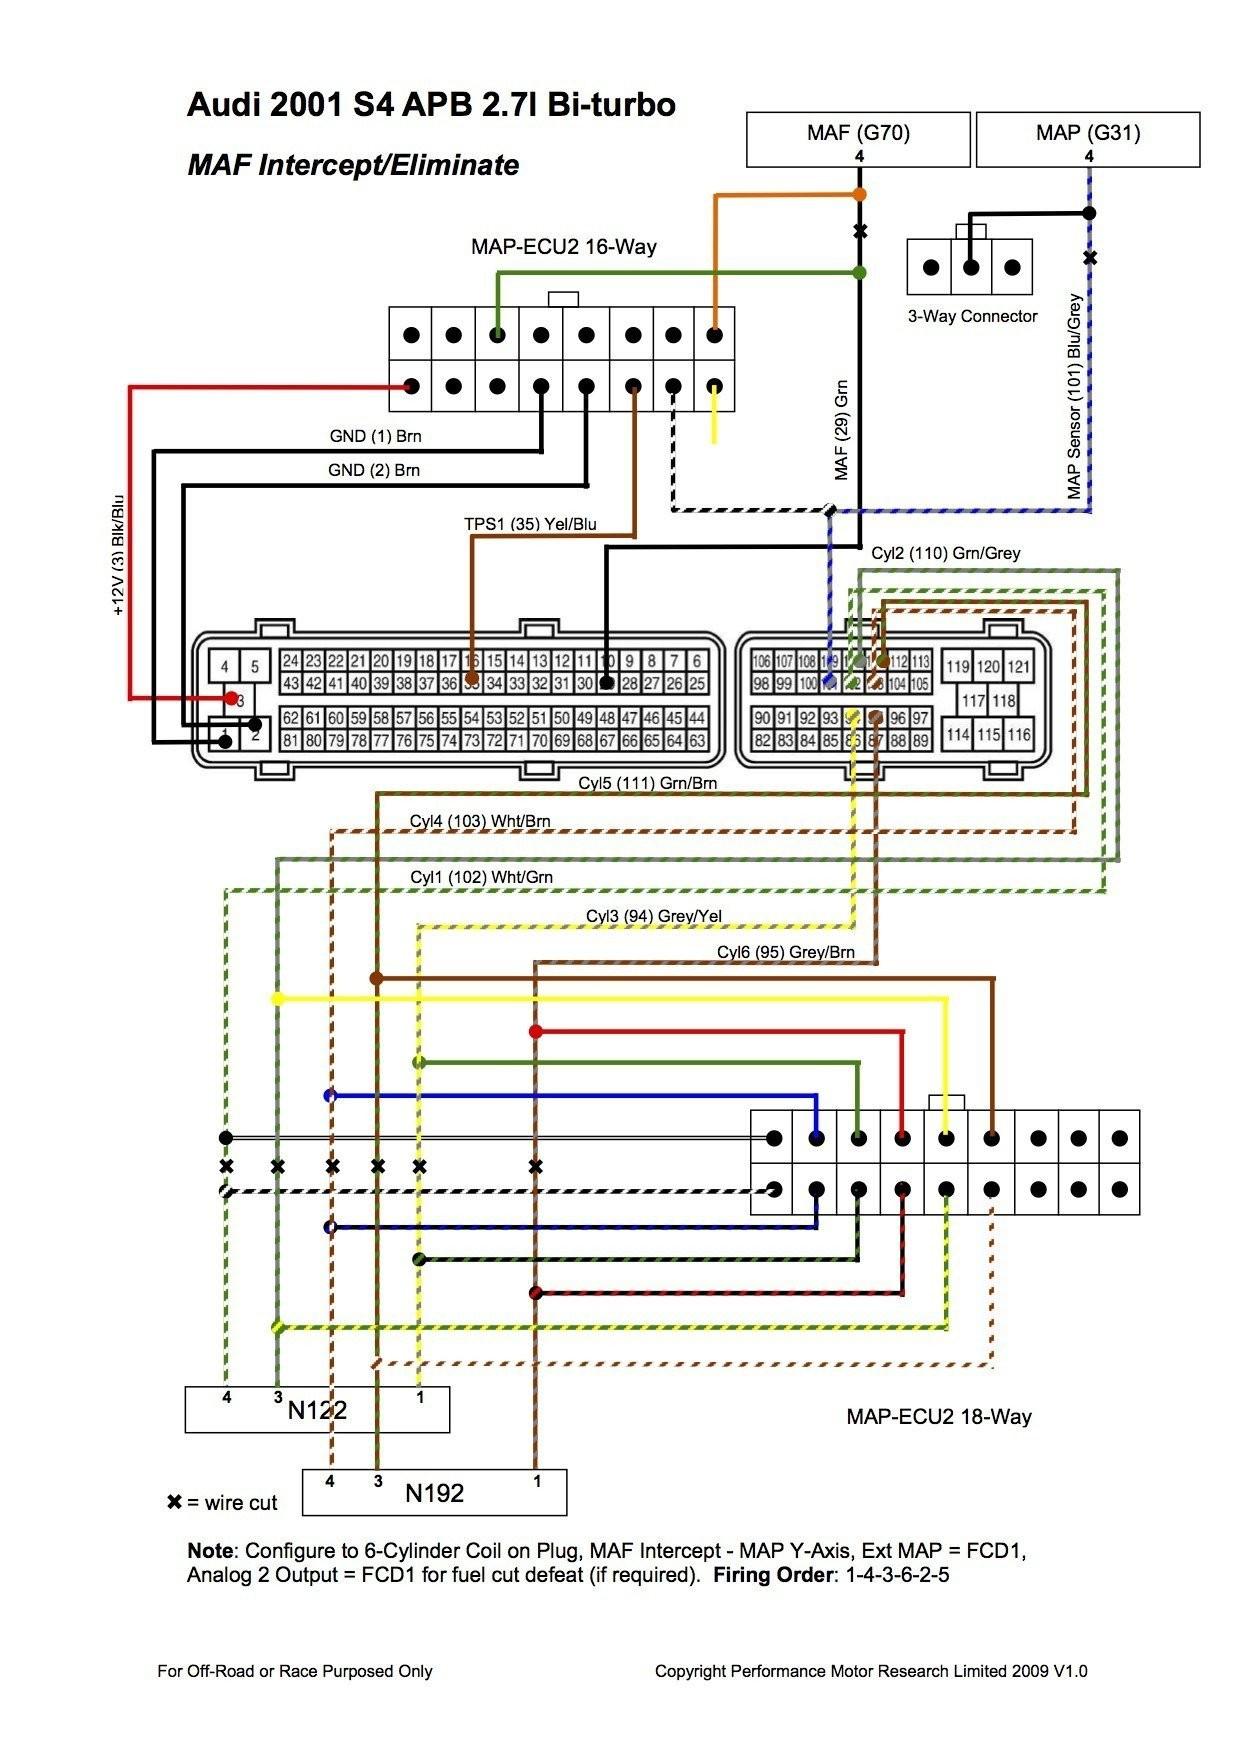 2002 Dodge Ram 1500 Wiring Diagram Wiring Diagram Likewise 2002 Dodge Ram Radio Wiring Diagram as Well Of 2002 Dodge Ram 1500 Wiring Diagram